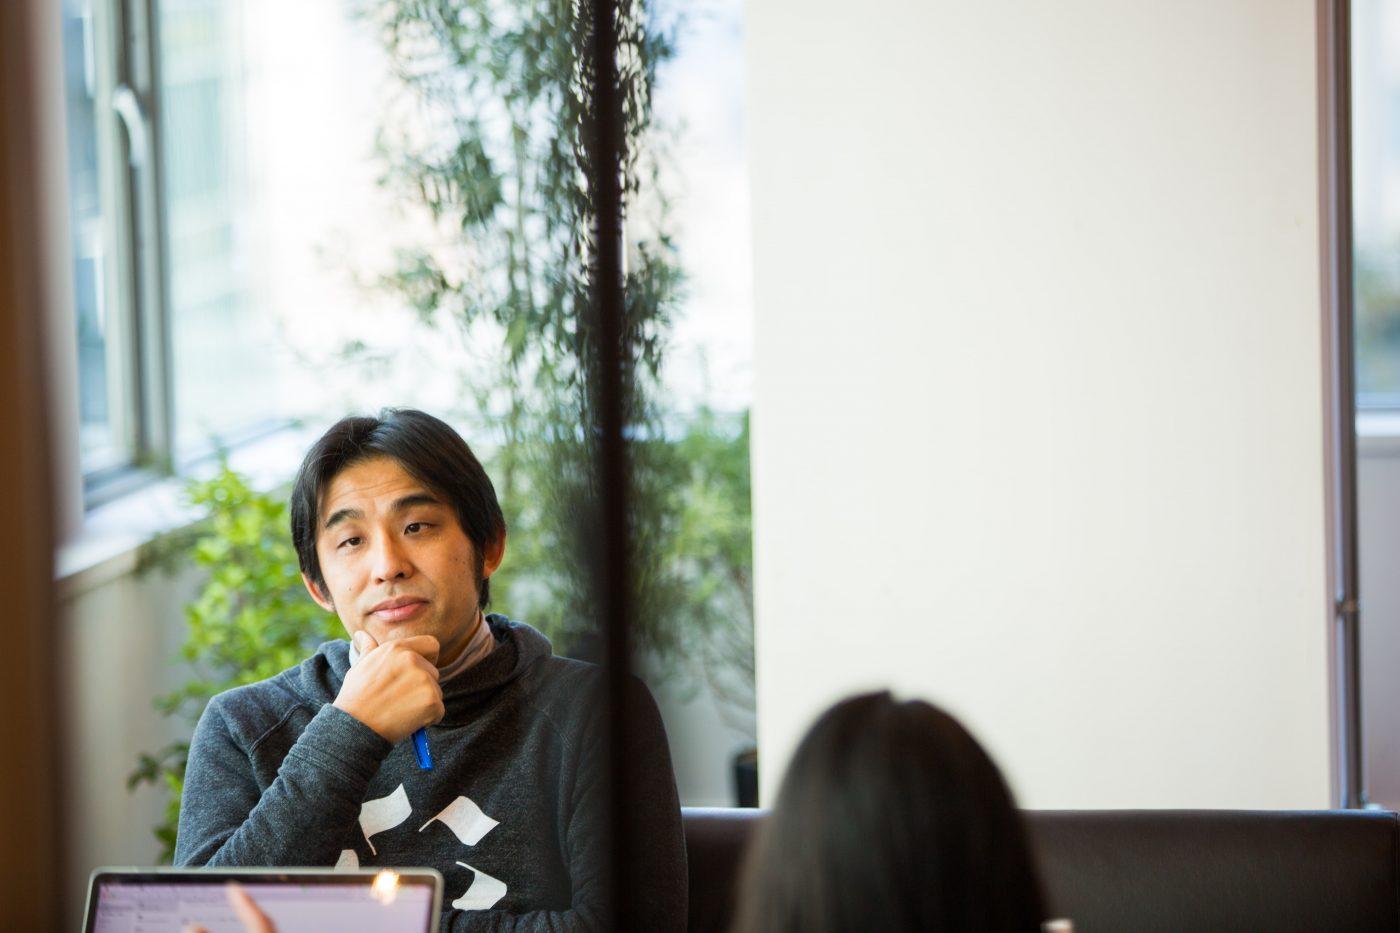 小林氏は、転職や起業をしてみたいものの自分の軸が見つからない人だって、焦る必要はないと話す。